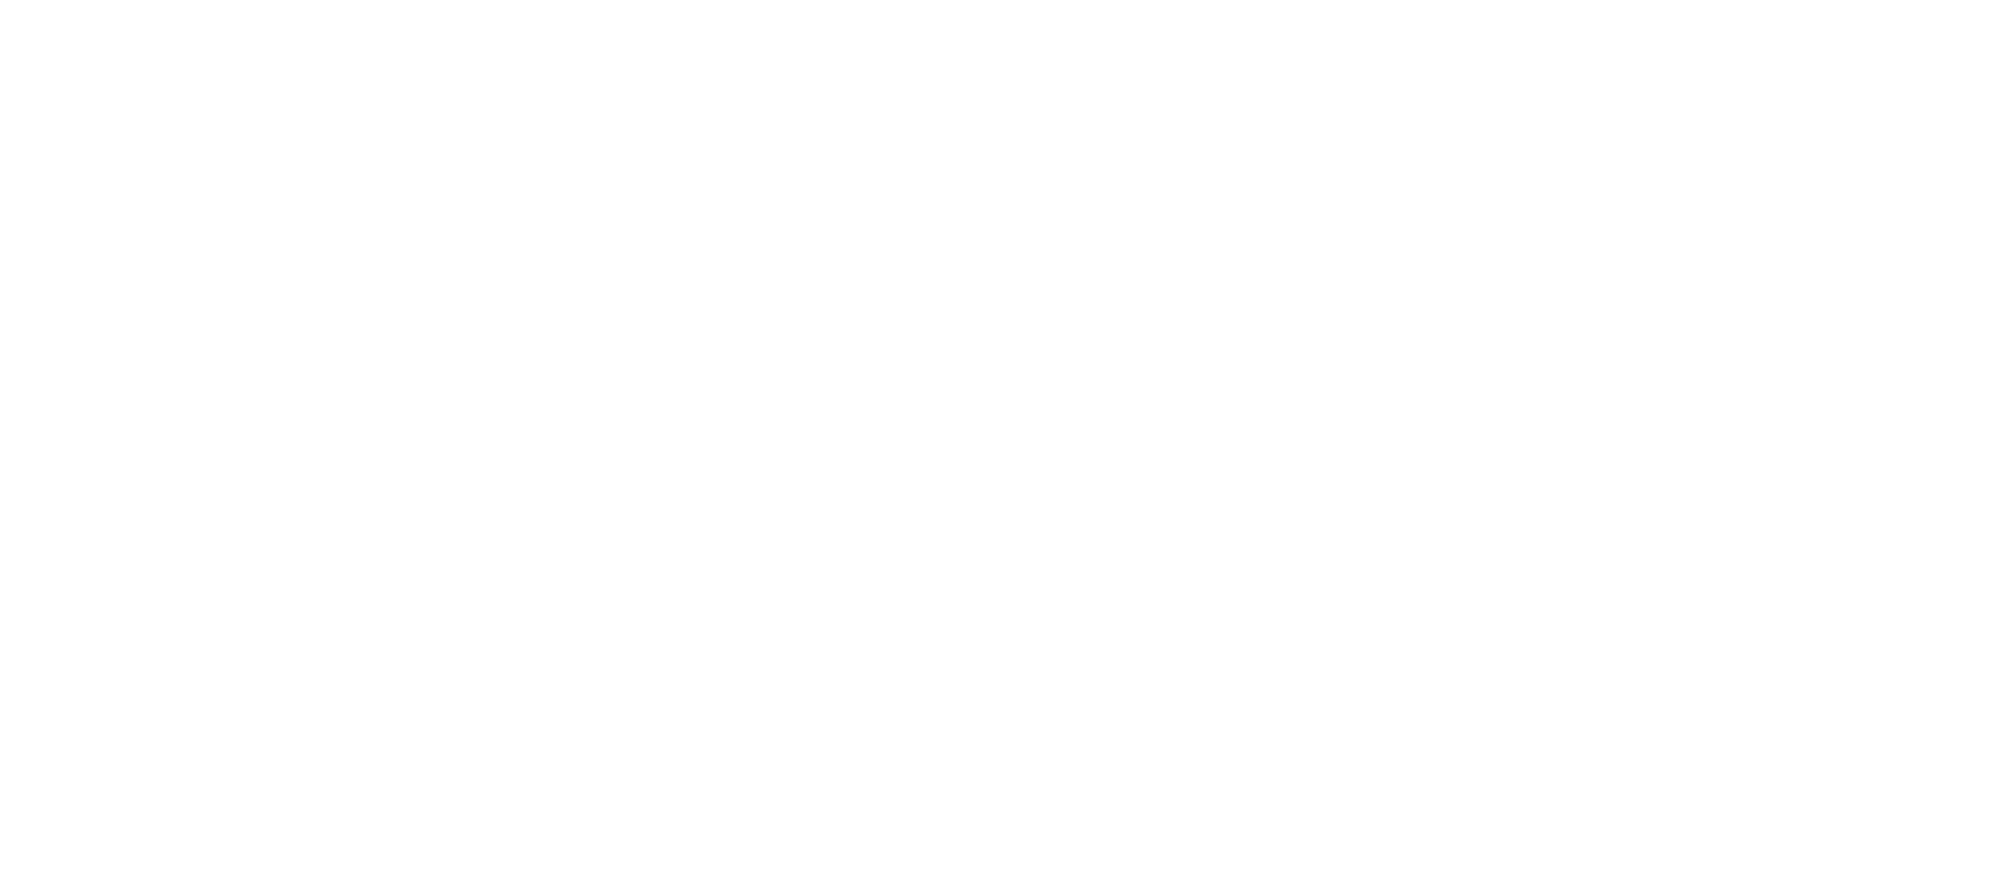 AICPA 2